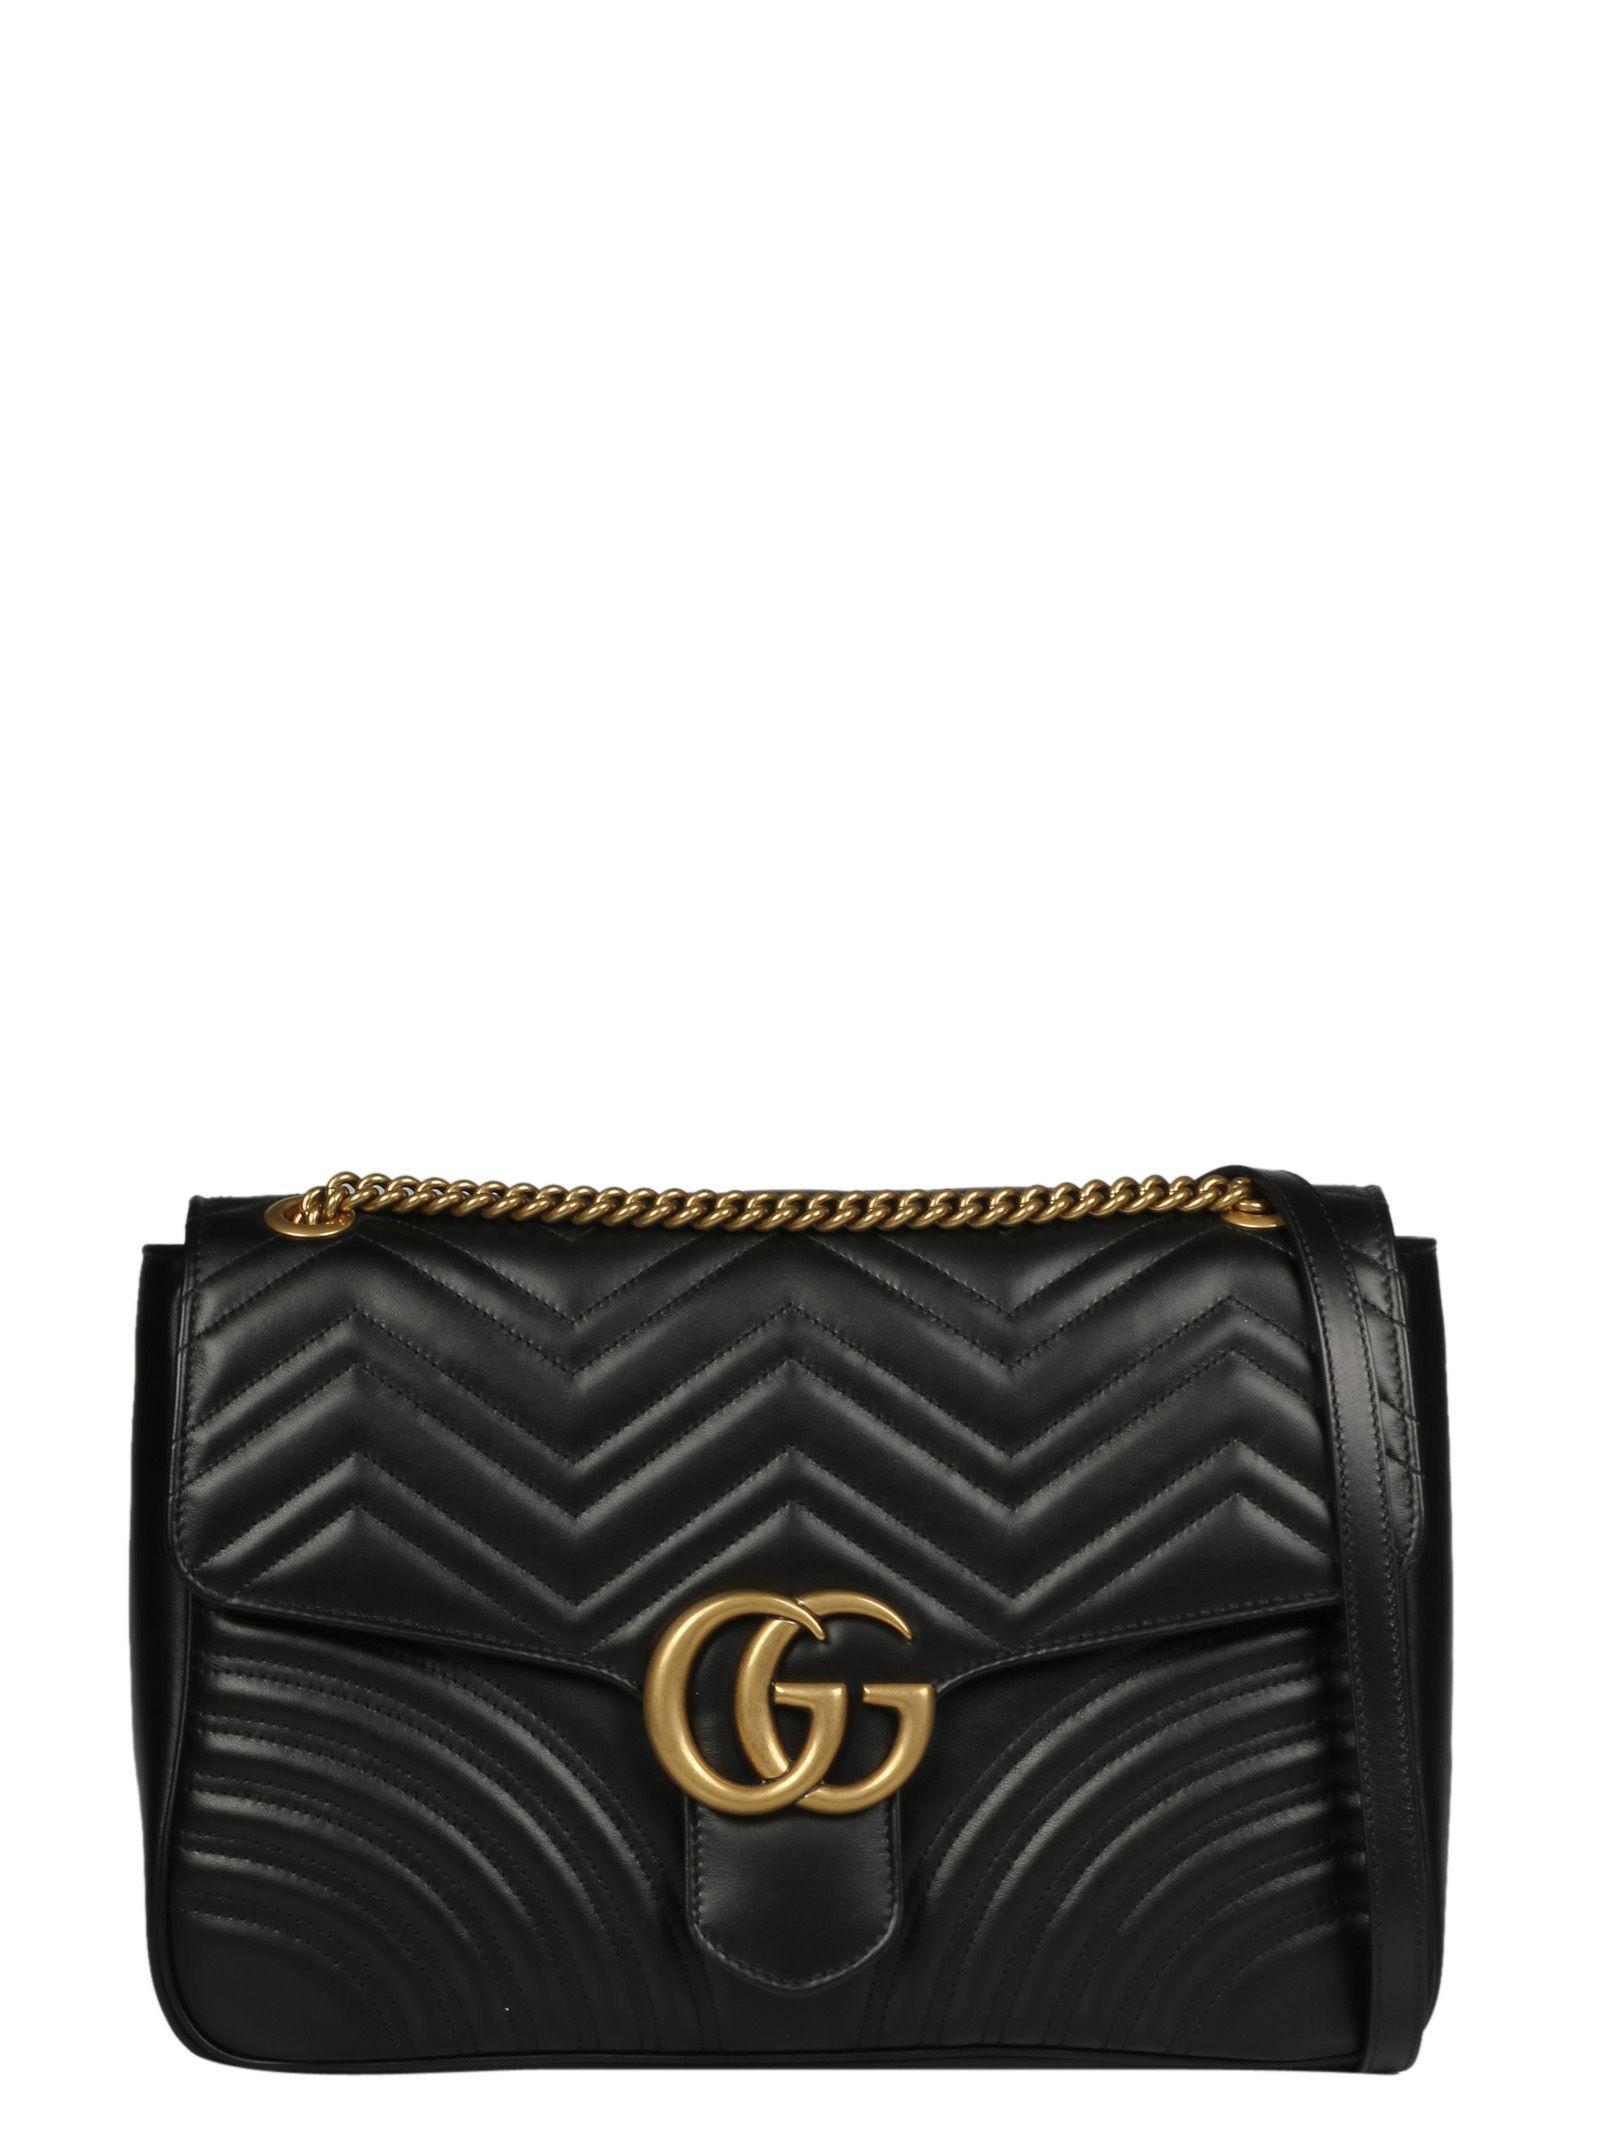 e39de52af85 Gucci Gg Marmont Large Shoulder Bag In 1000